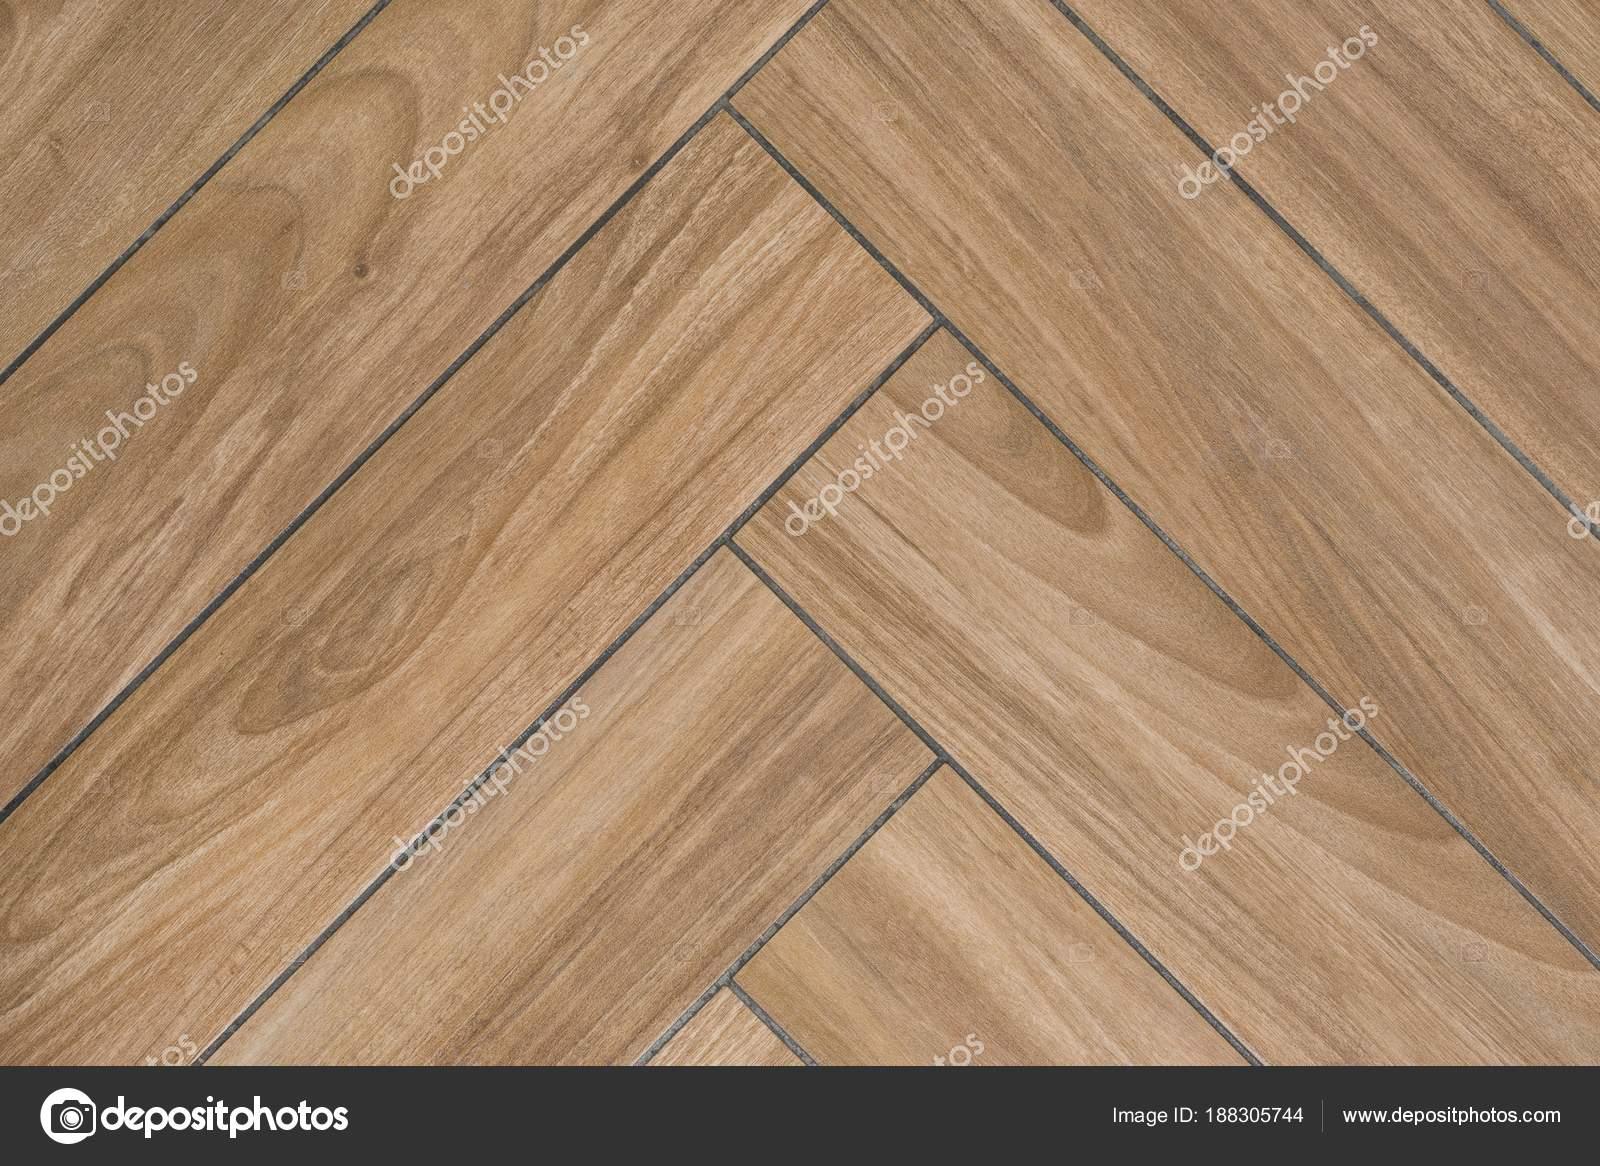 Eiken houtstructuur van vloer met tegels nabootsen de bevloering